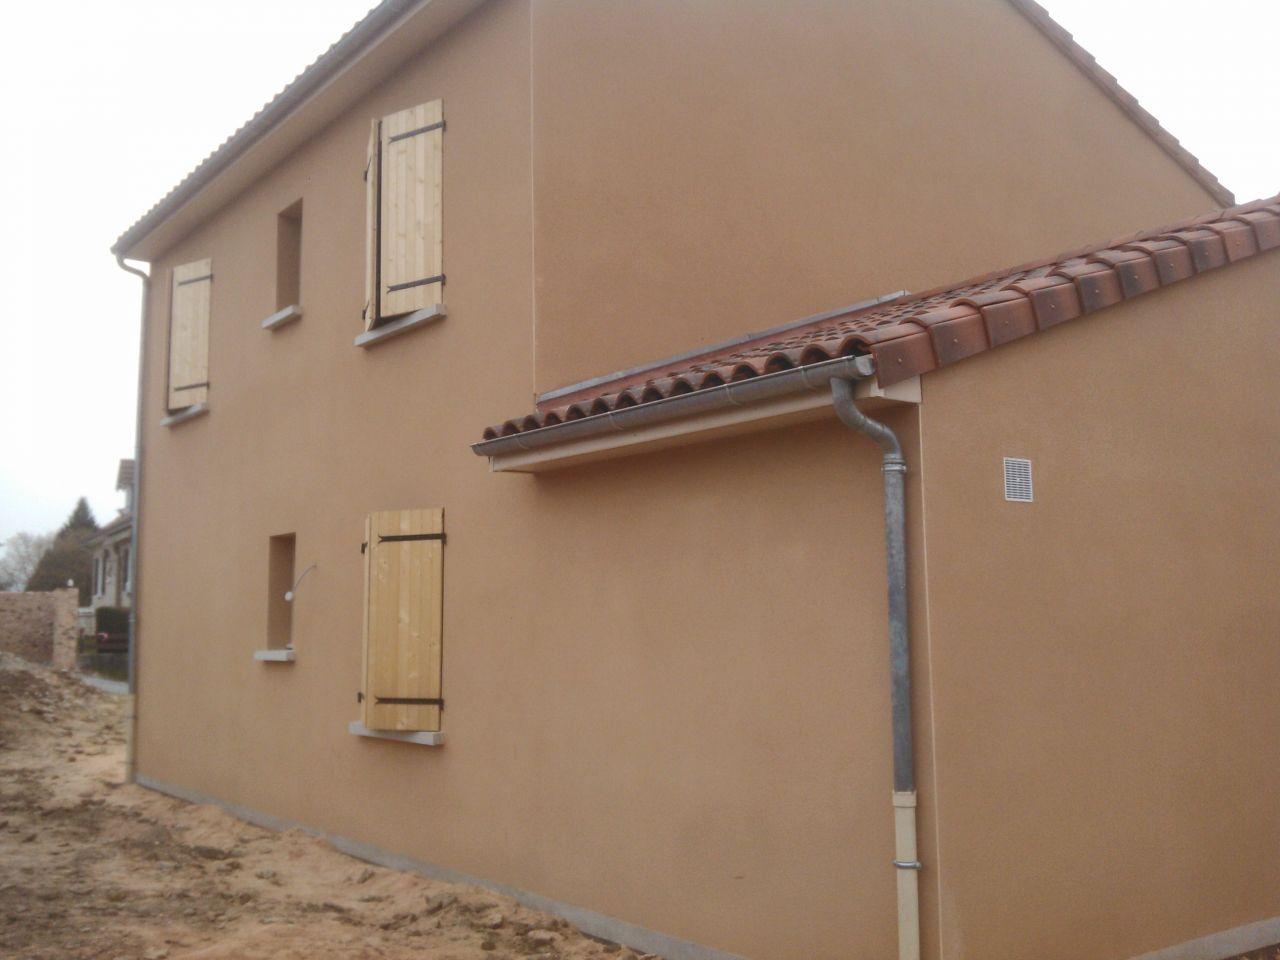 Couleur Extérieur Maison 2017 weber ocre rouge 049 | façade maison, maison, crepis facade